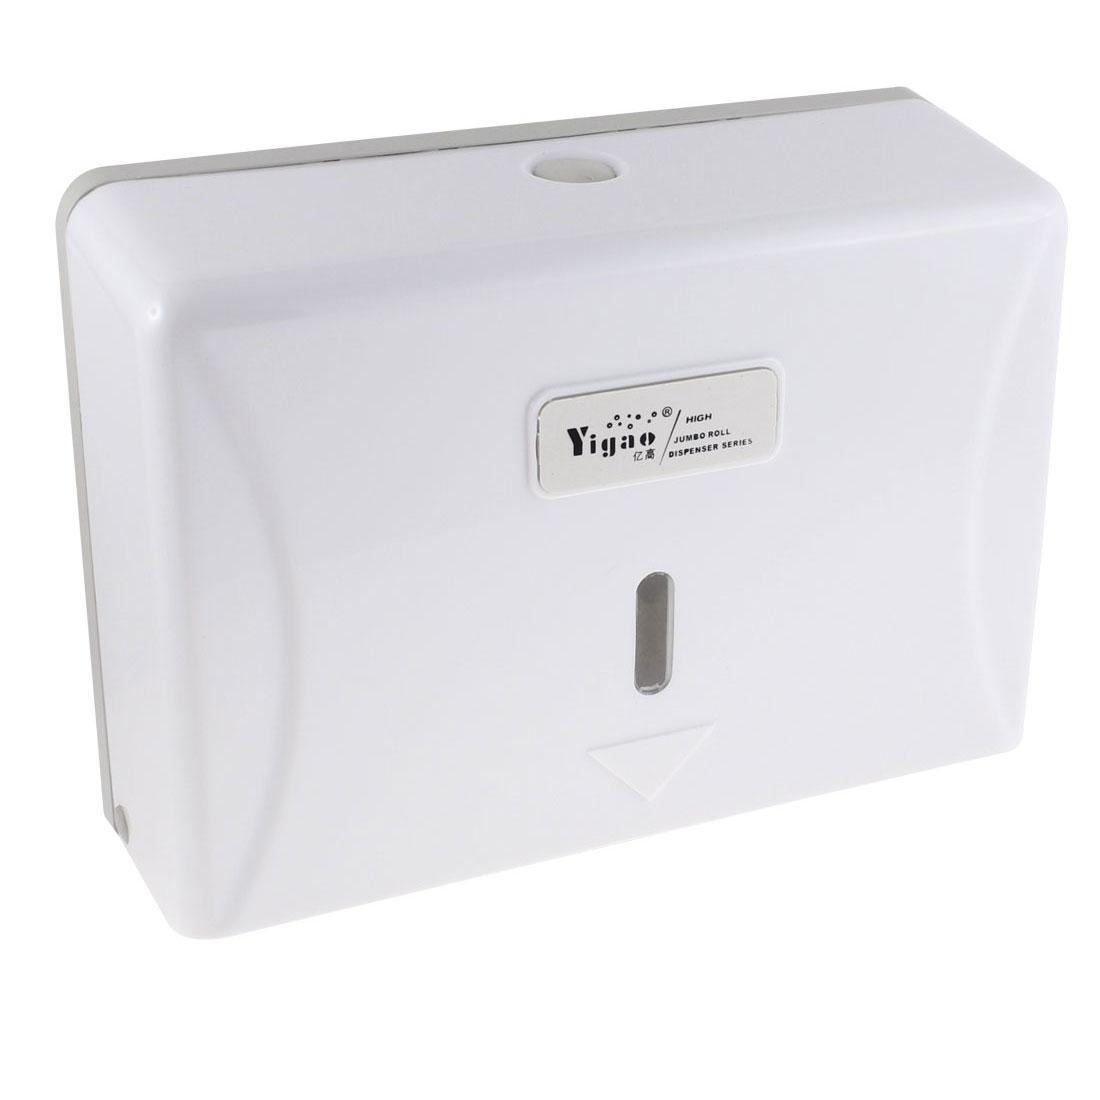 Restaurant Toilet Plastic Wall-hanging Paper Tissue Holder Case Dispenser White